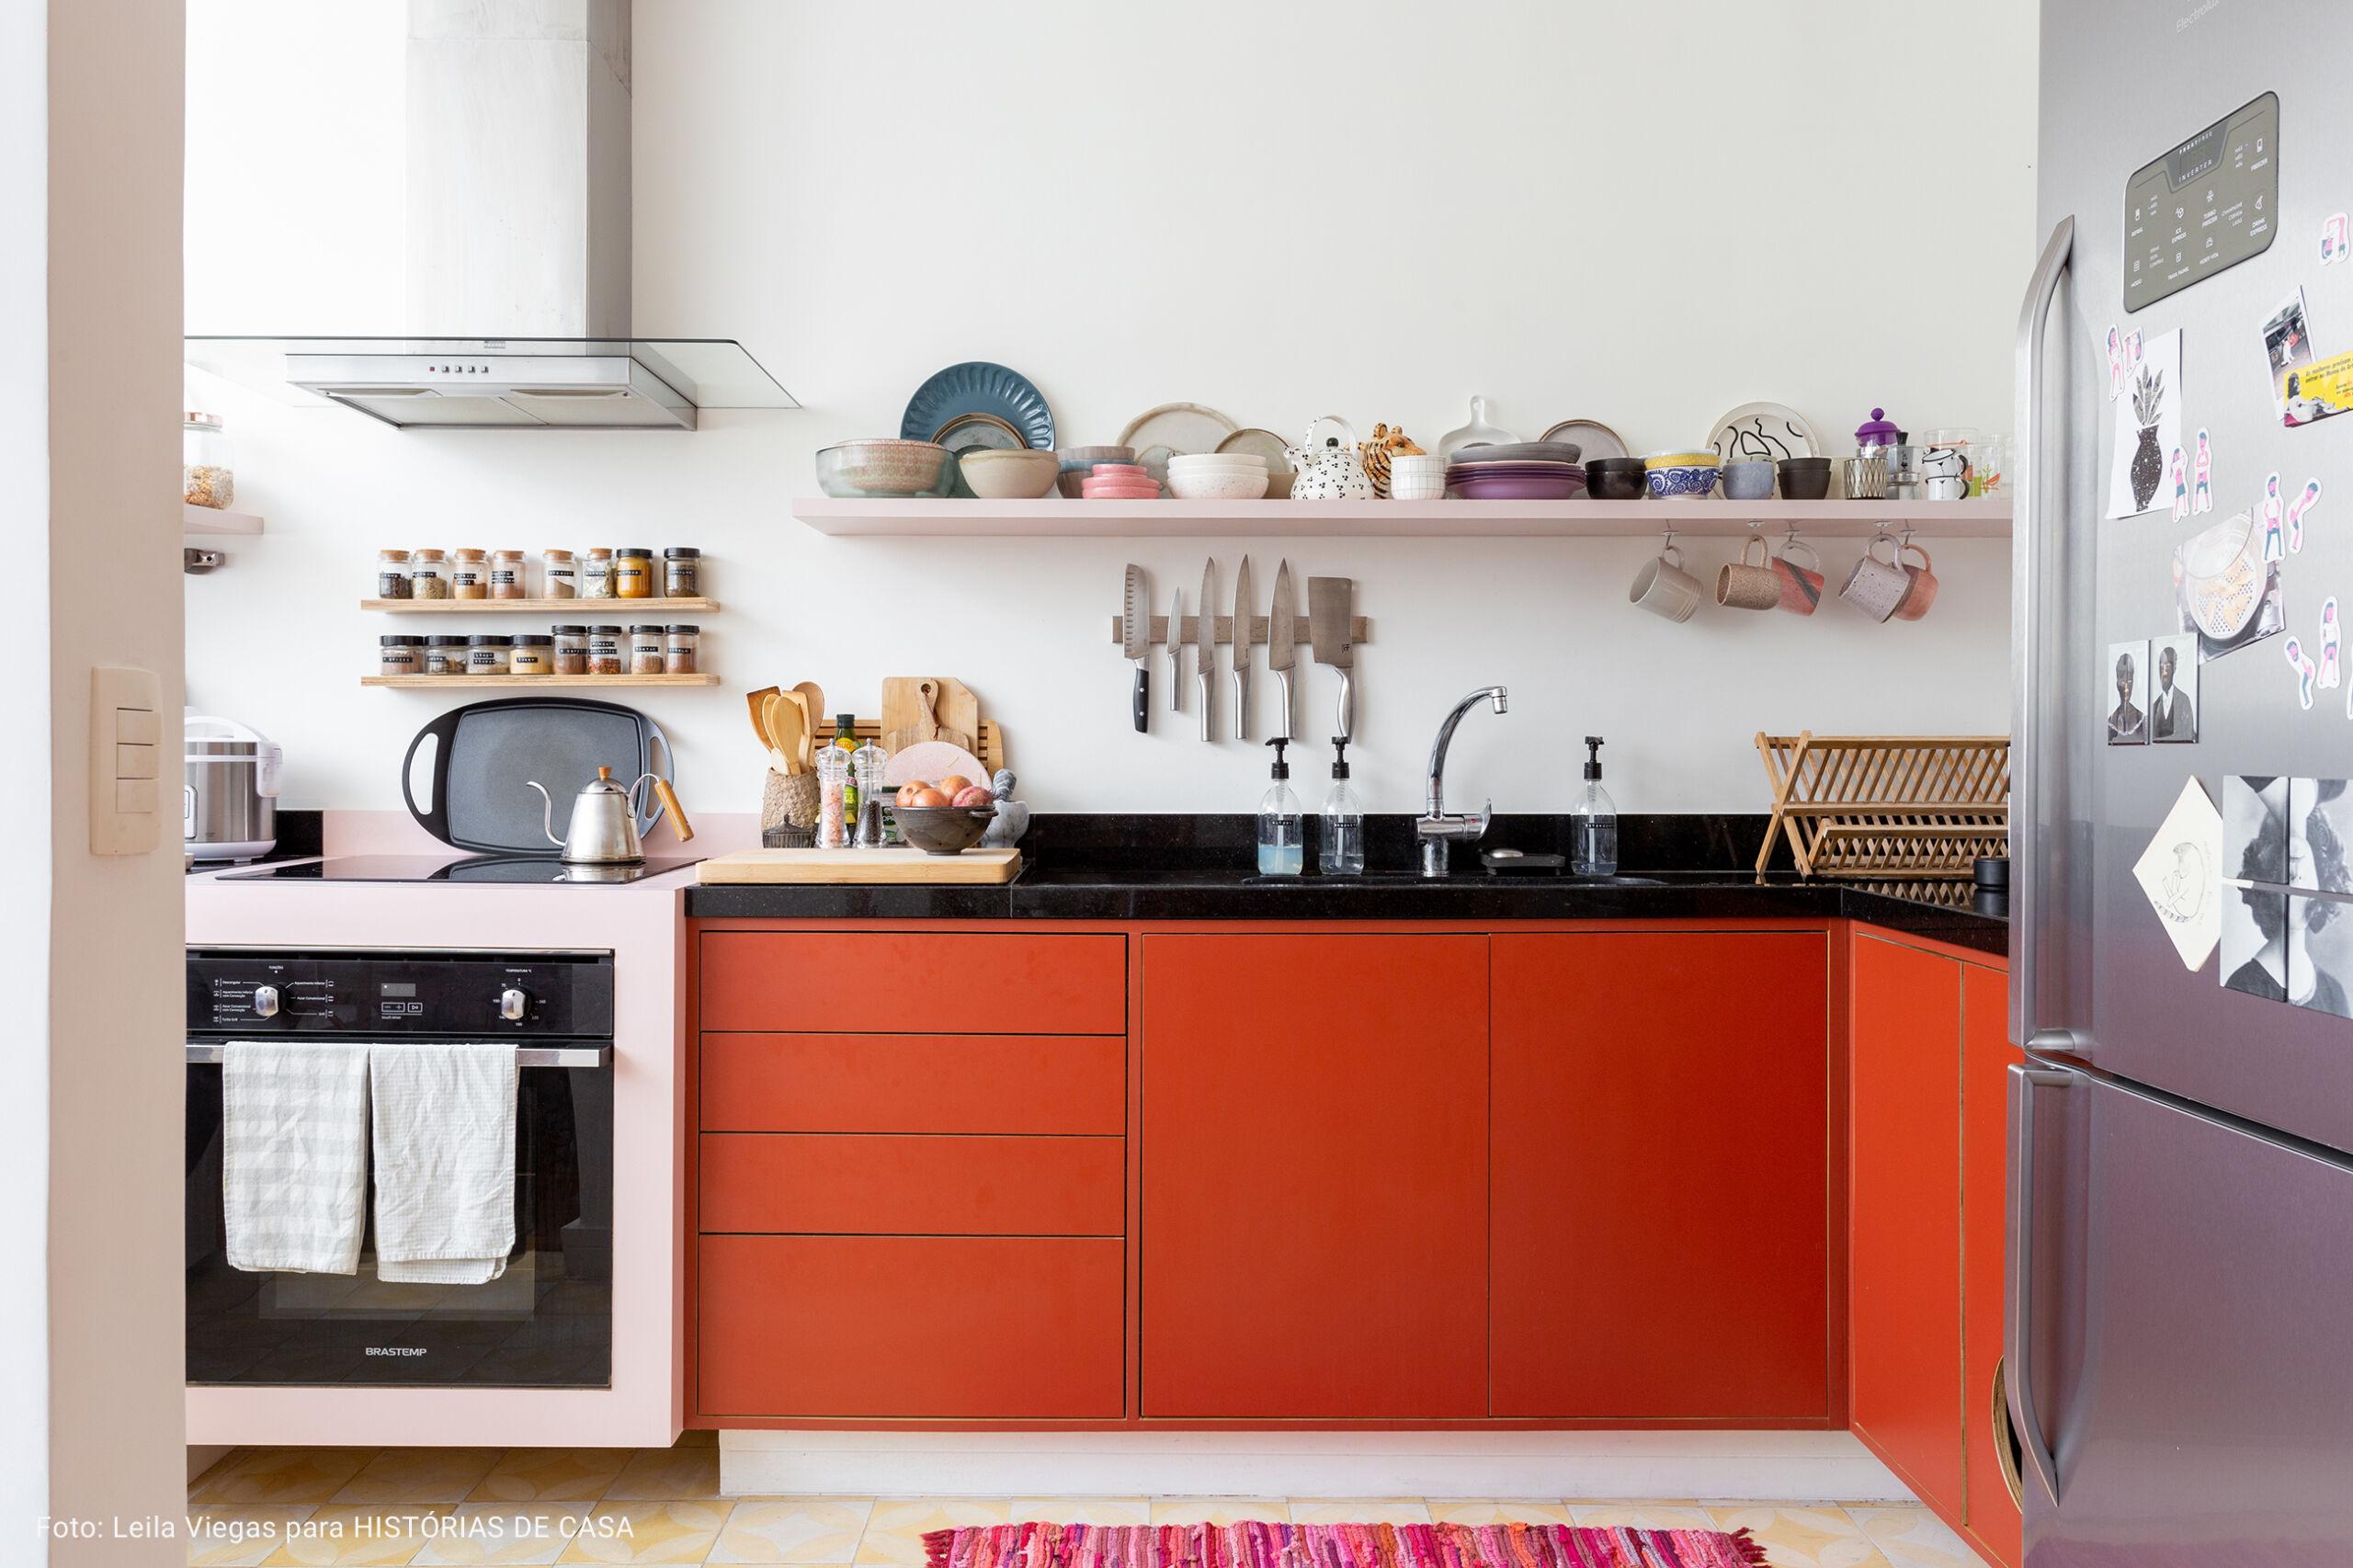 cozinha ampla com xaleira de metal